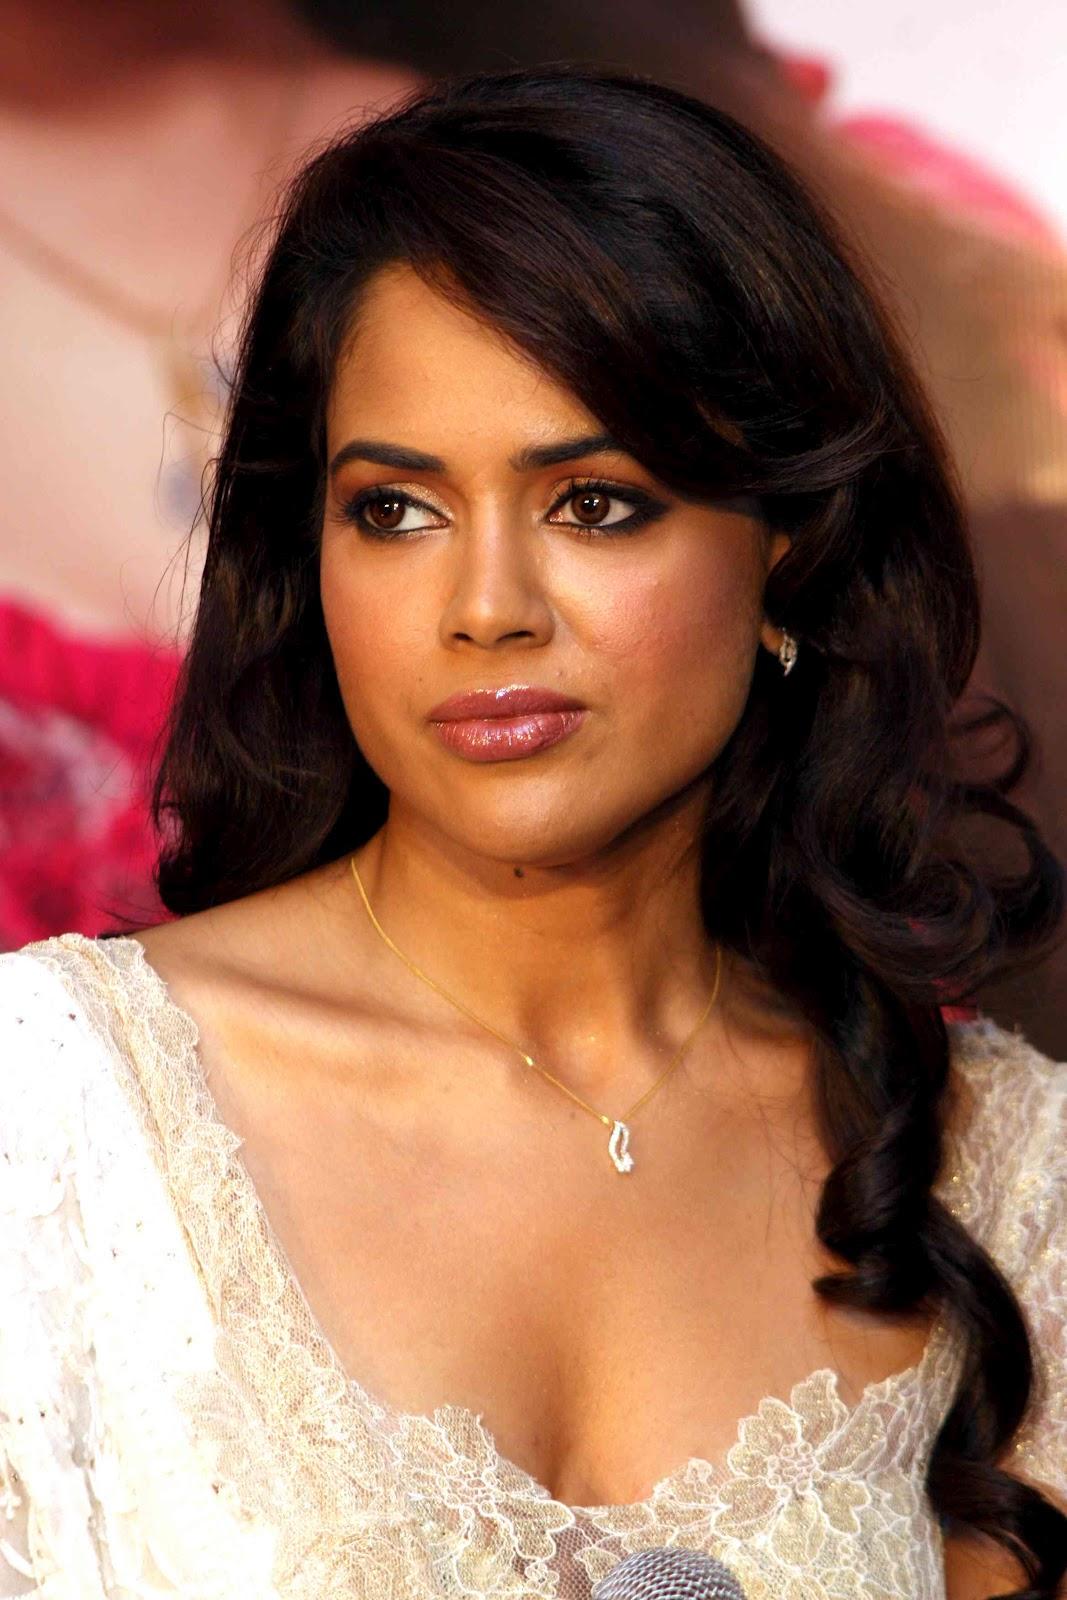 Hot actress pics: Sameera Reddy